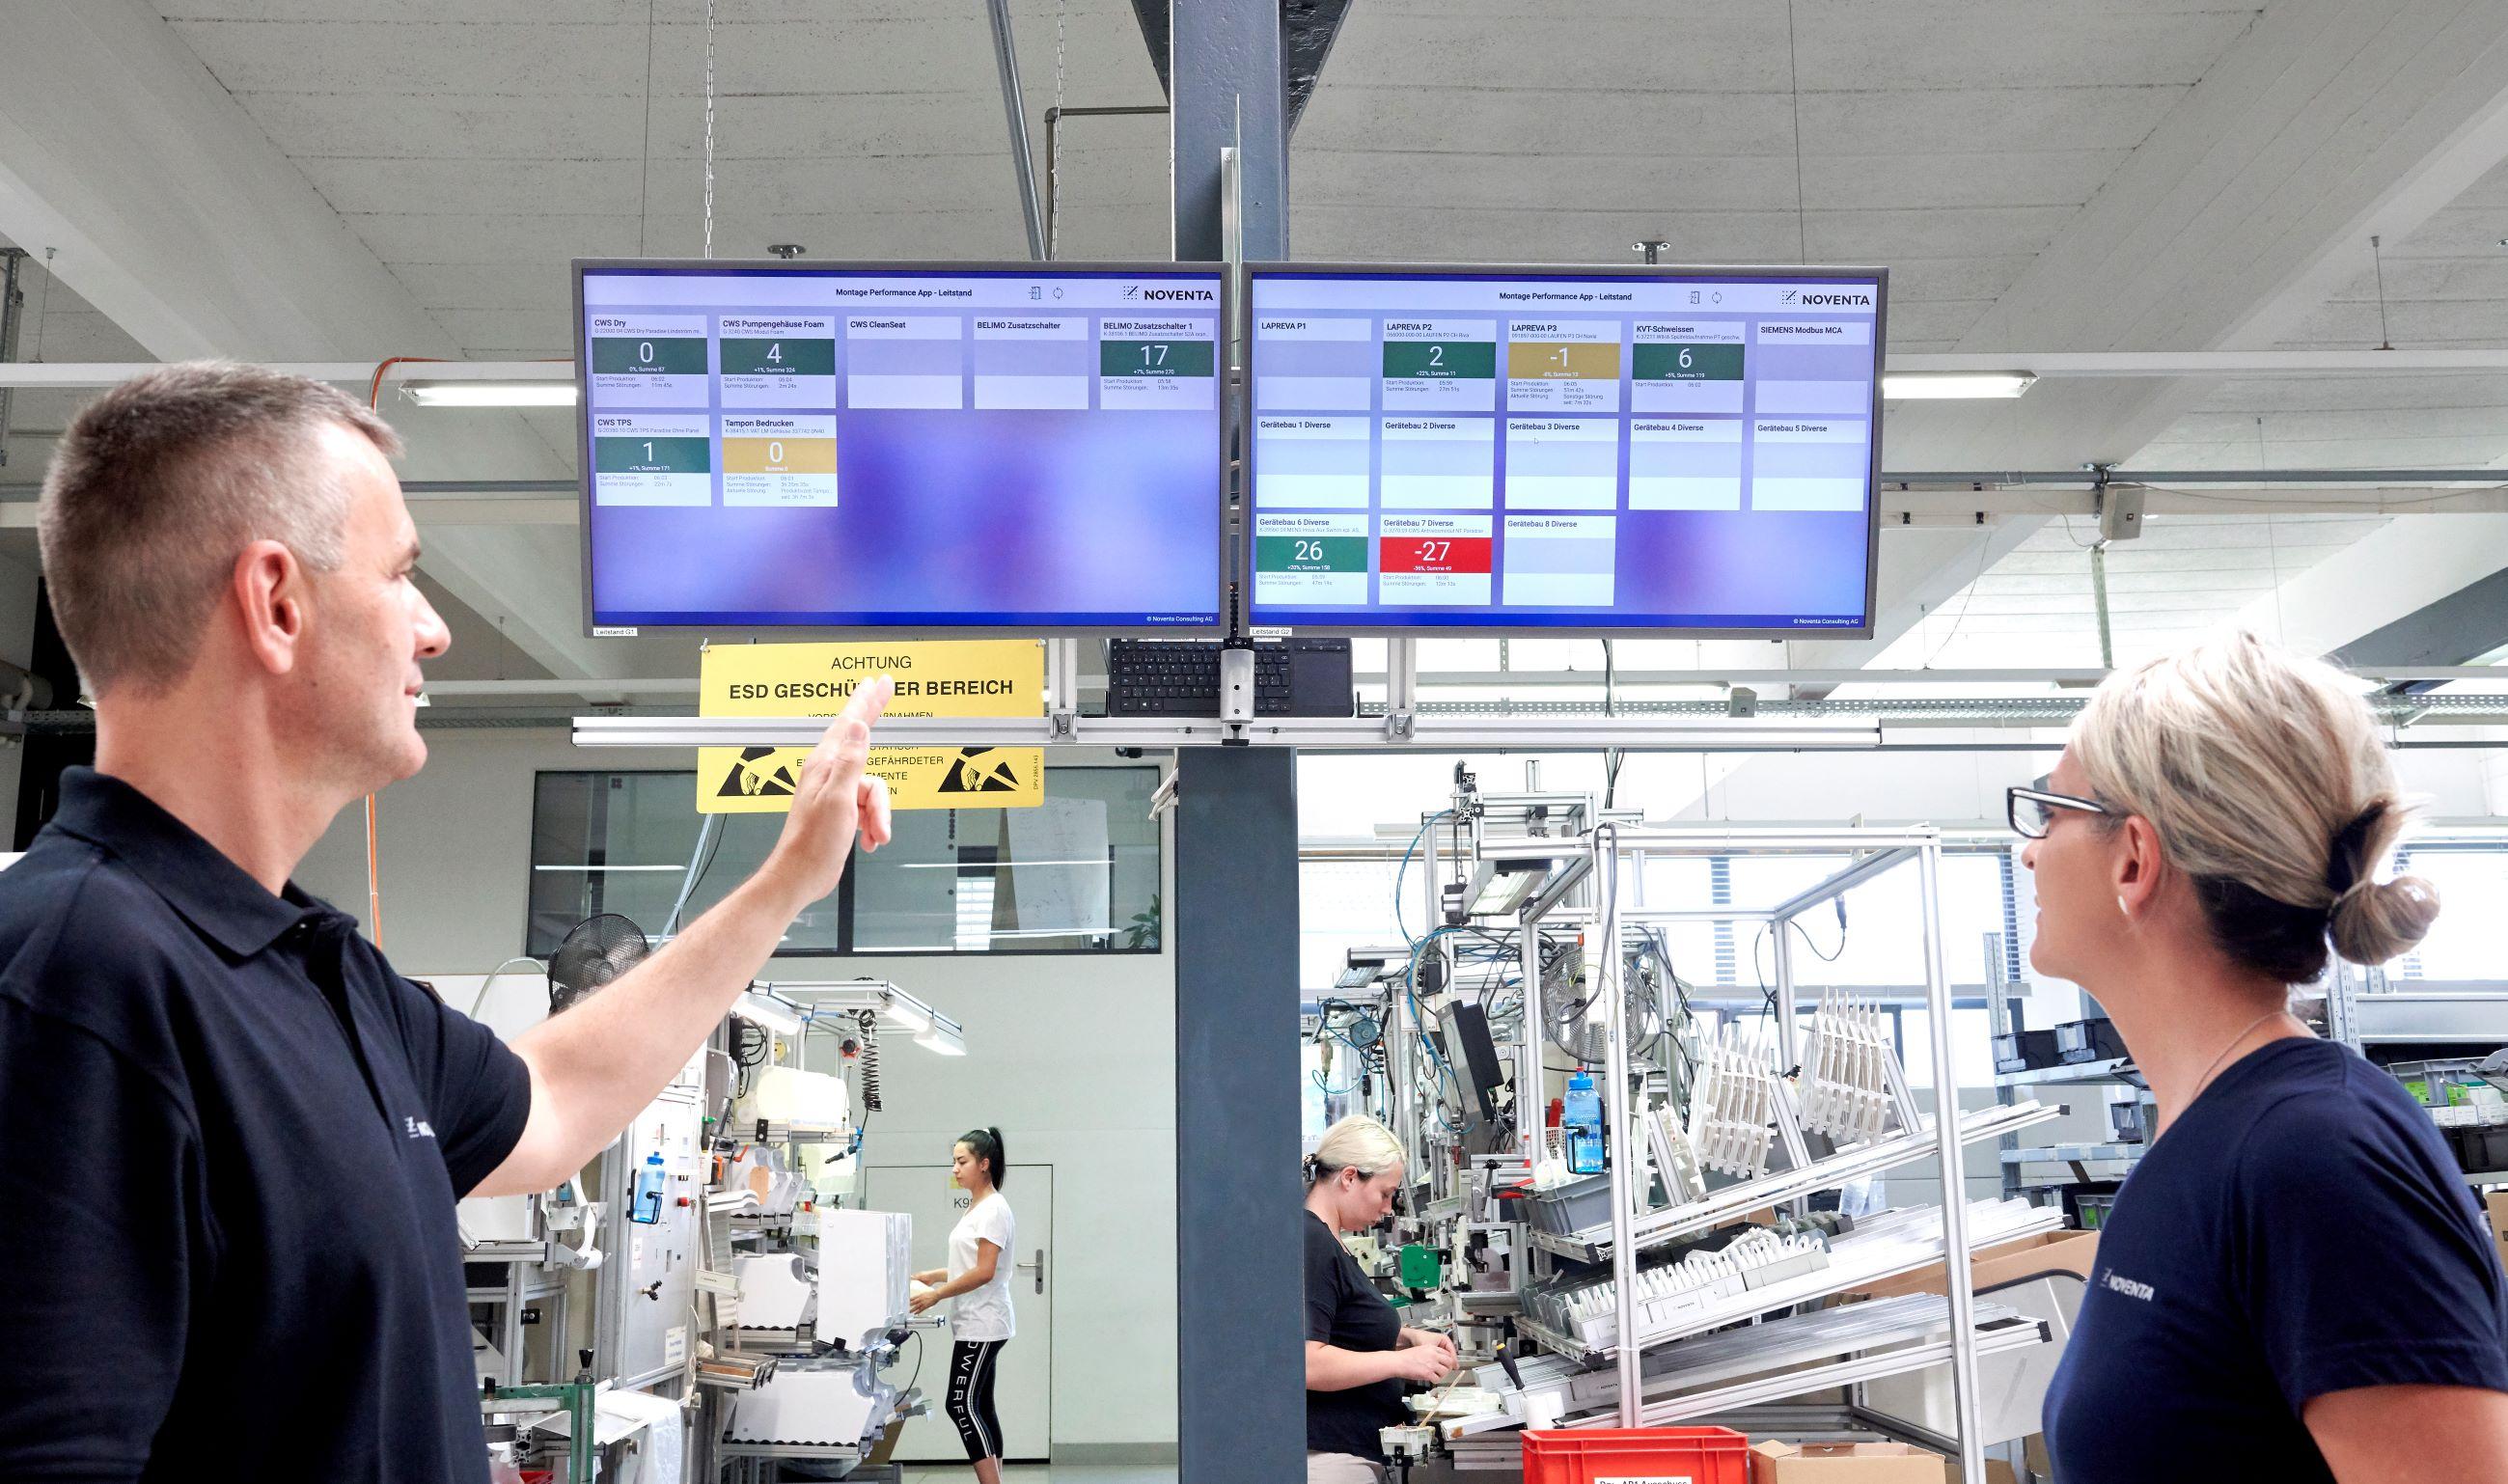 Datenauswertung Schichtleitung Übersicht Produktion Montage live realtime Industrie 4.0 Echtzeit Prozessüberwachung